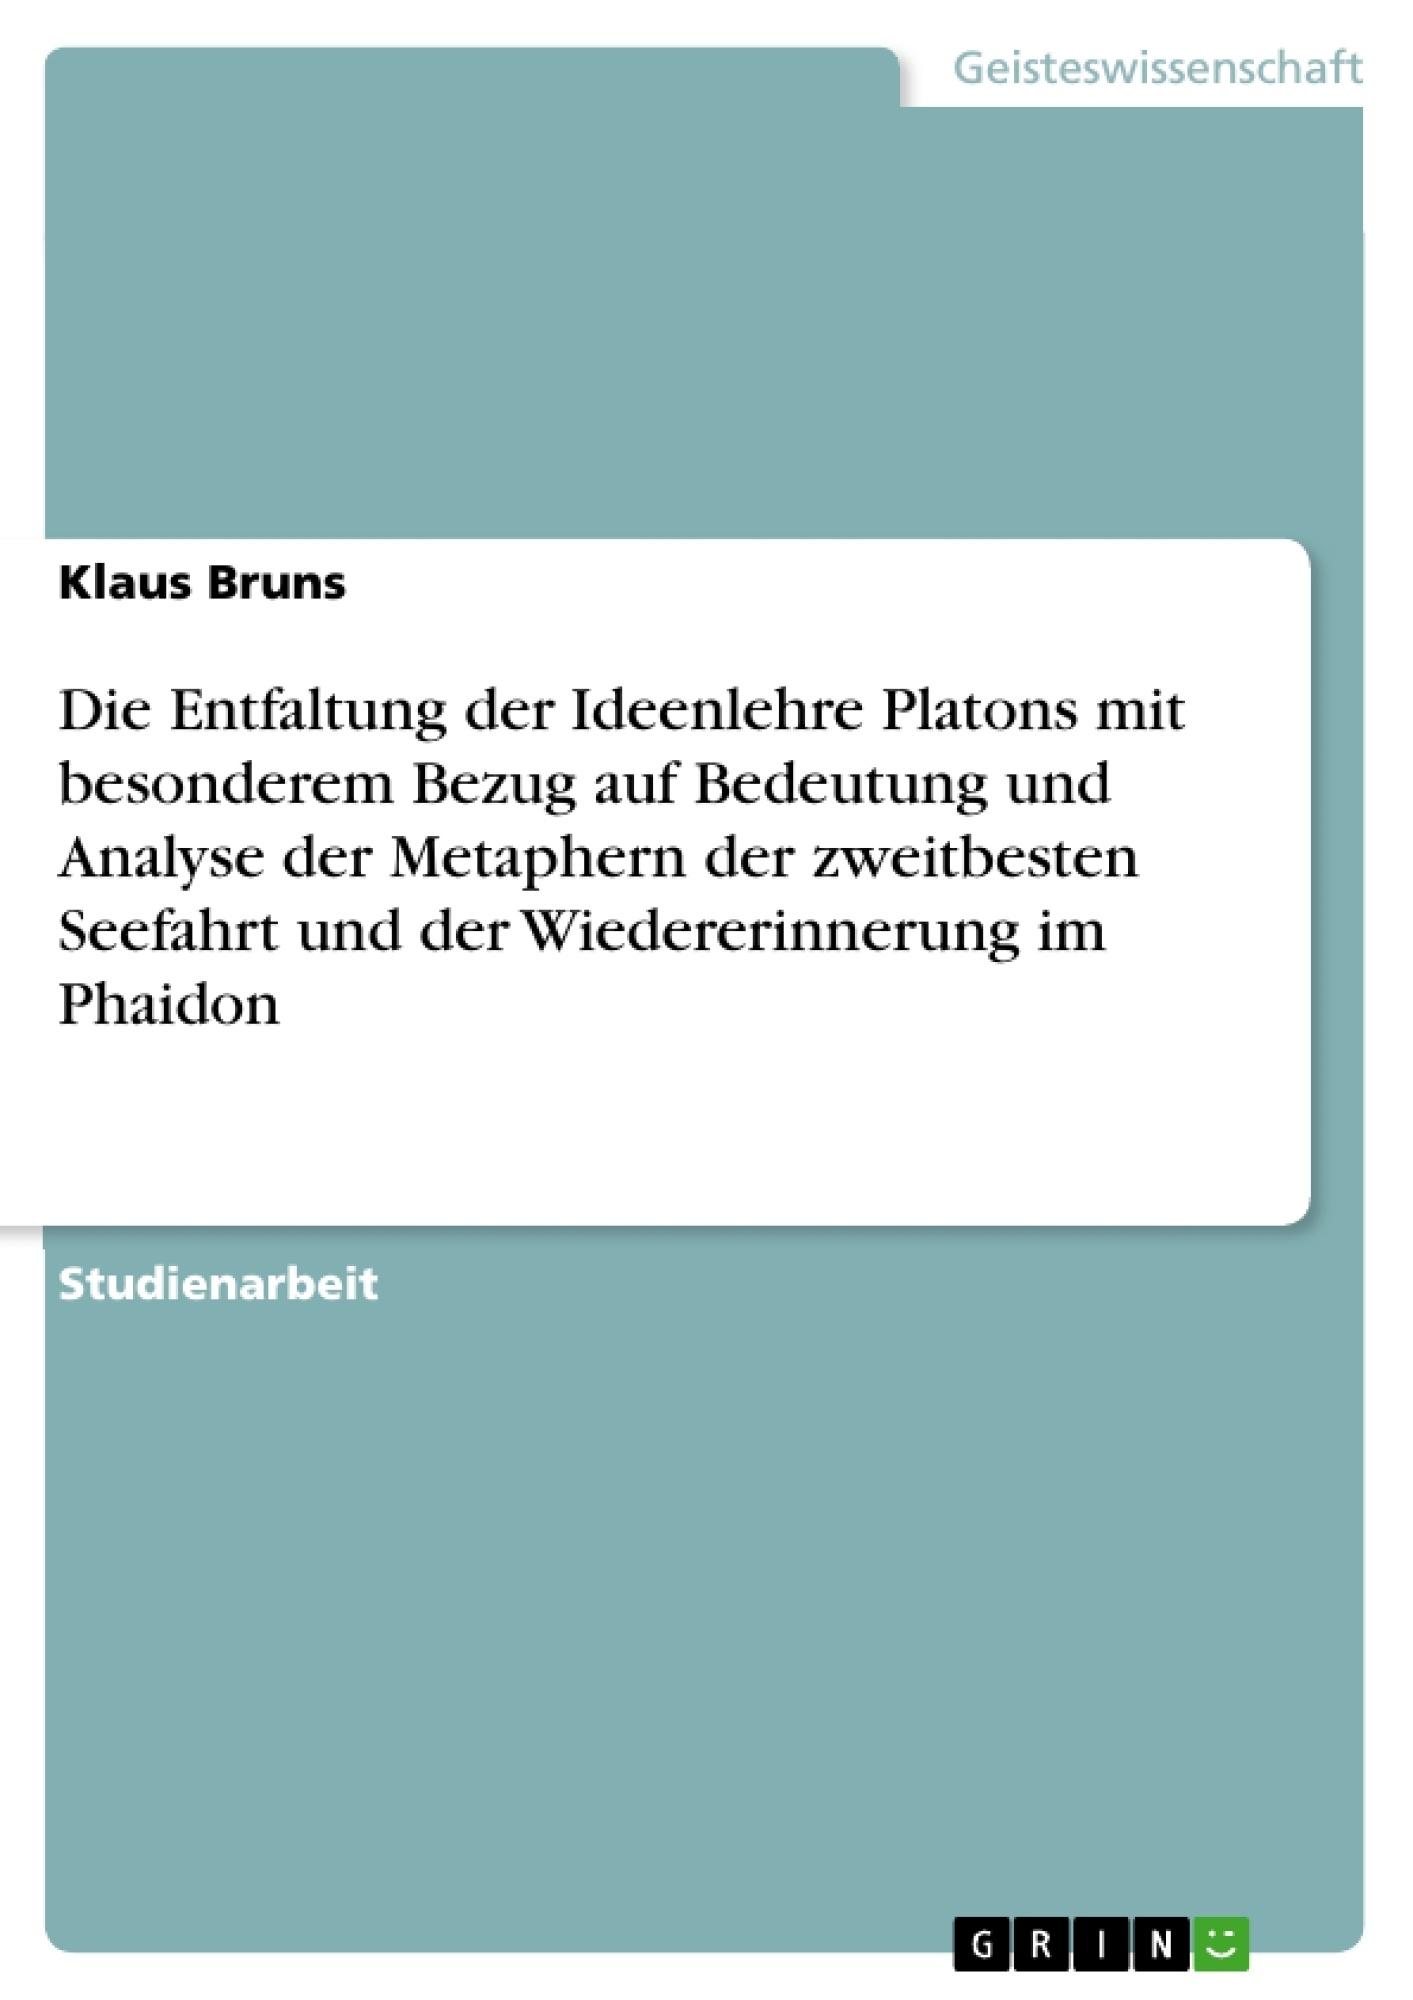 Titel: Die Entfaltung der Ideenlehre Platons mit besonderem Bezug auf Bedeutung und Analyse der Metaphern der zweitbesten Seefahrt und der Wiedererinnerung im Phaidon